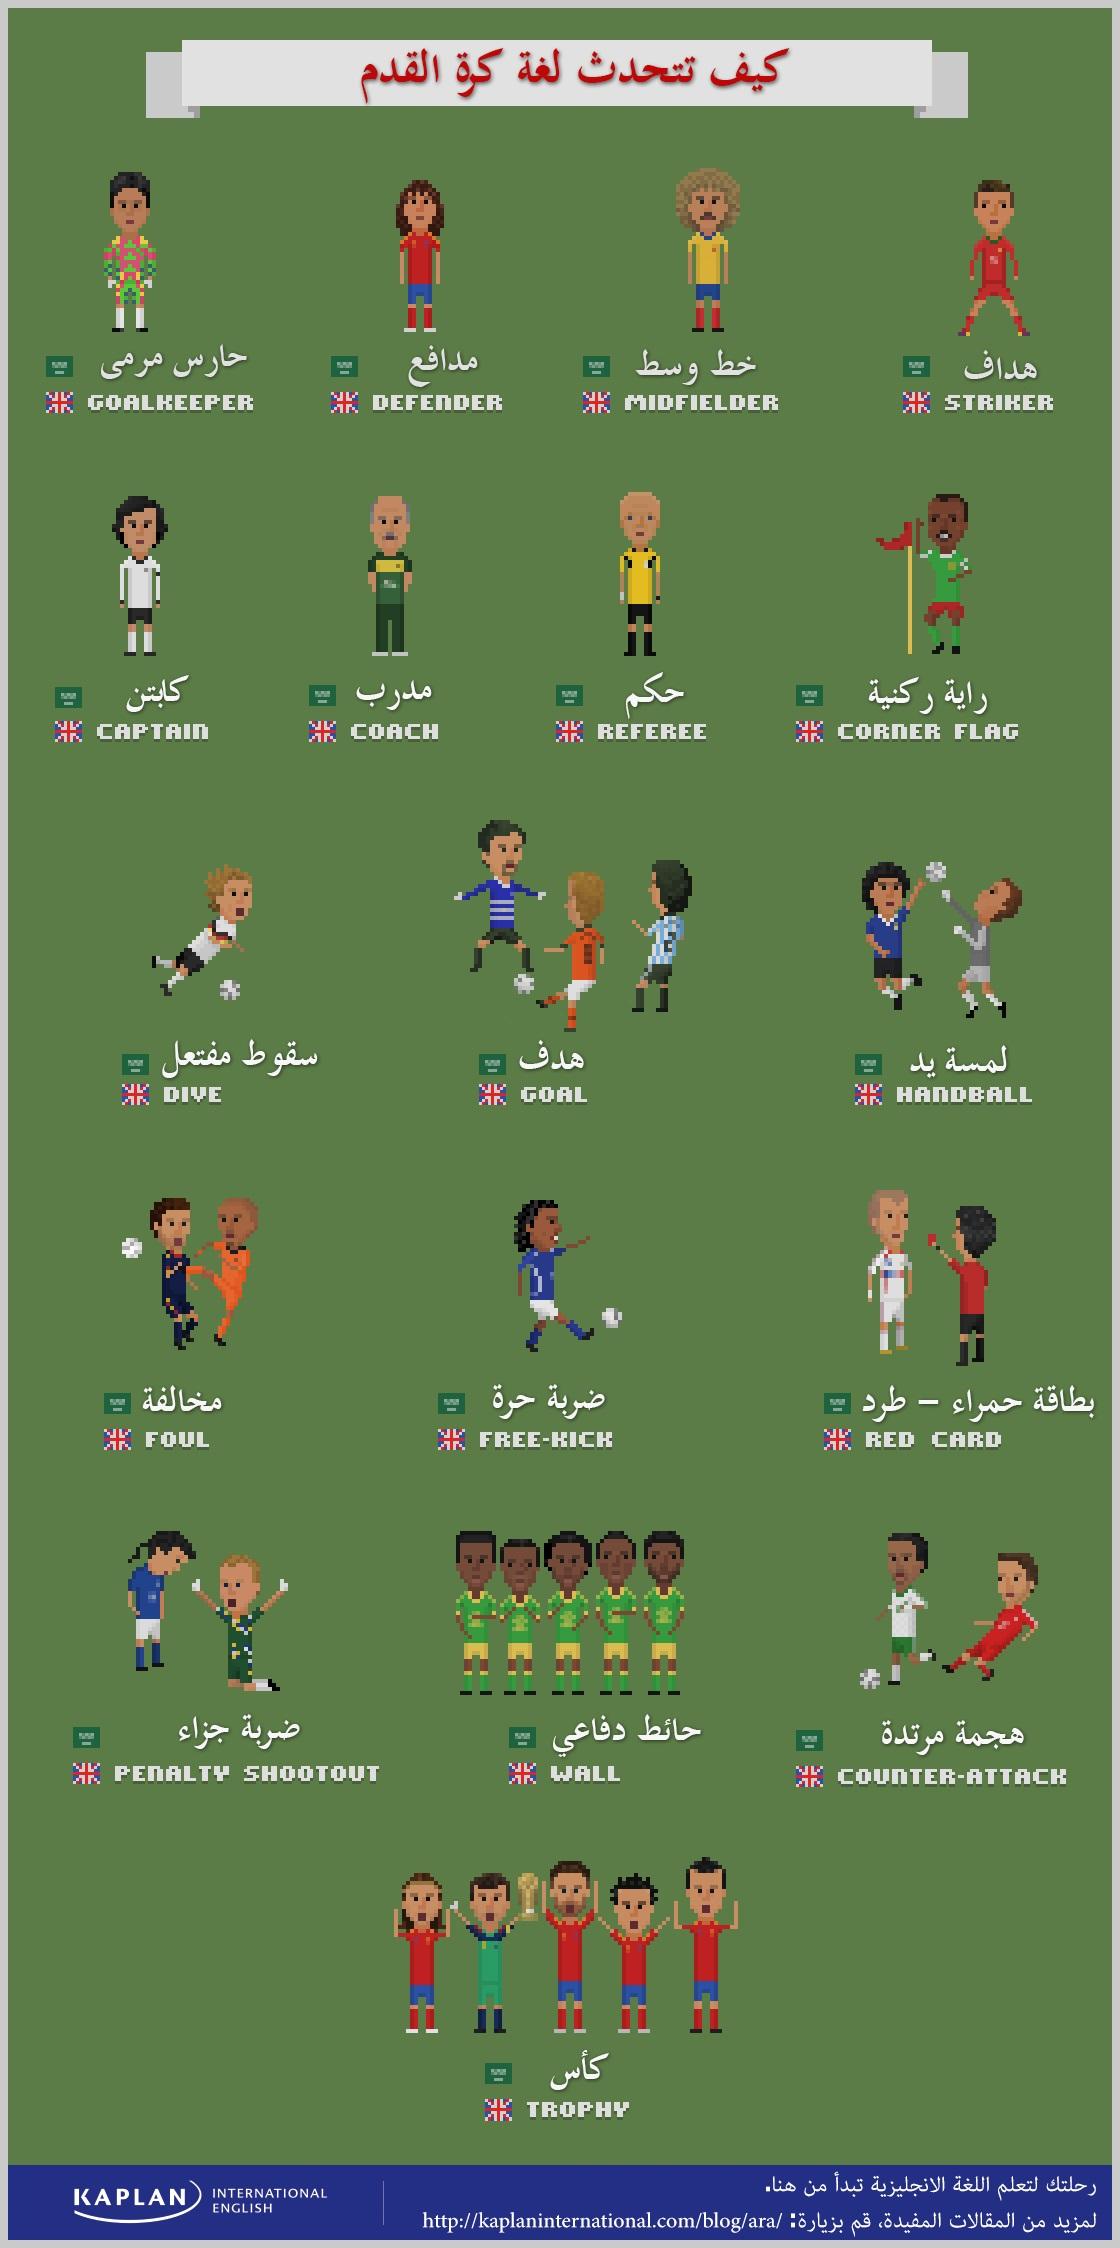 لغة كرة القدم